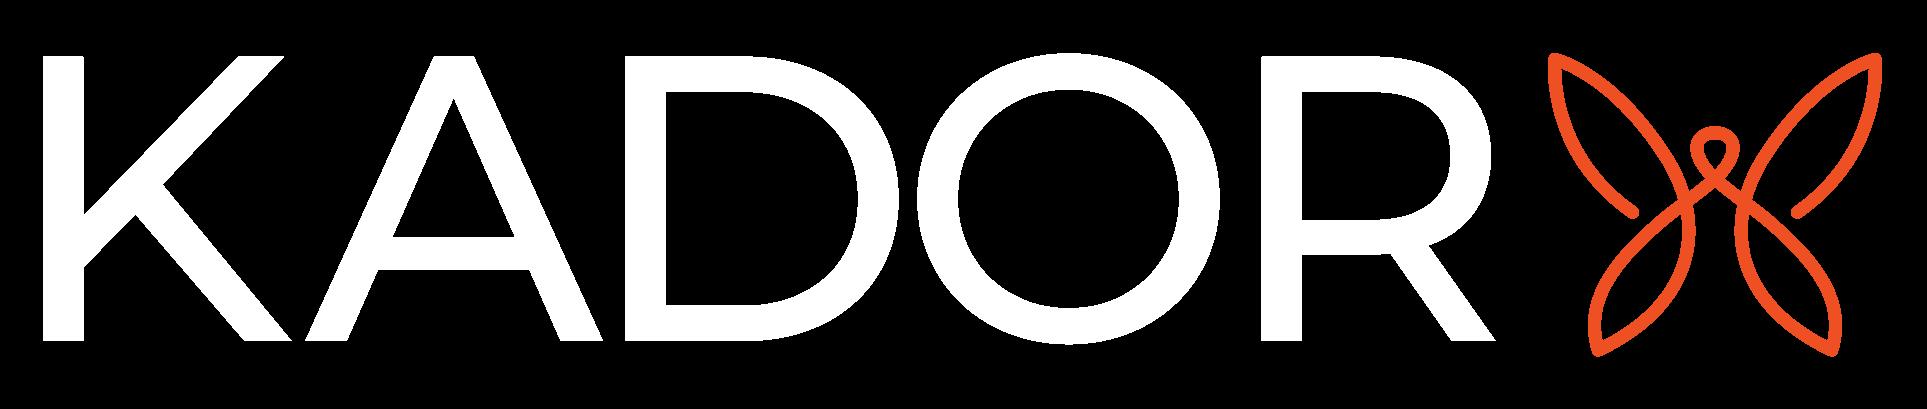 Logo kador.io entrepreneurs as a service.